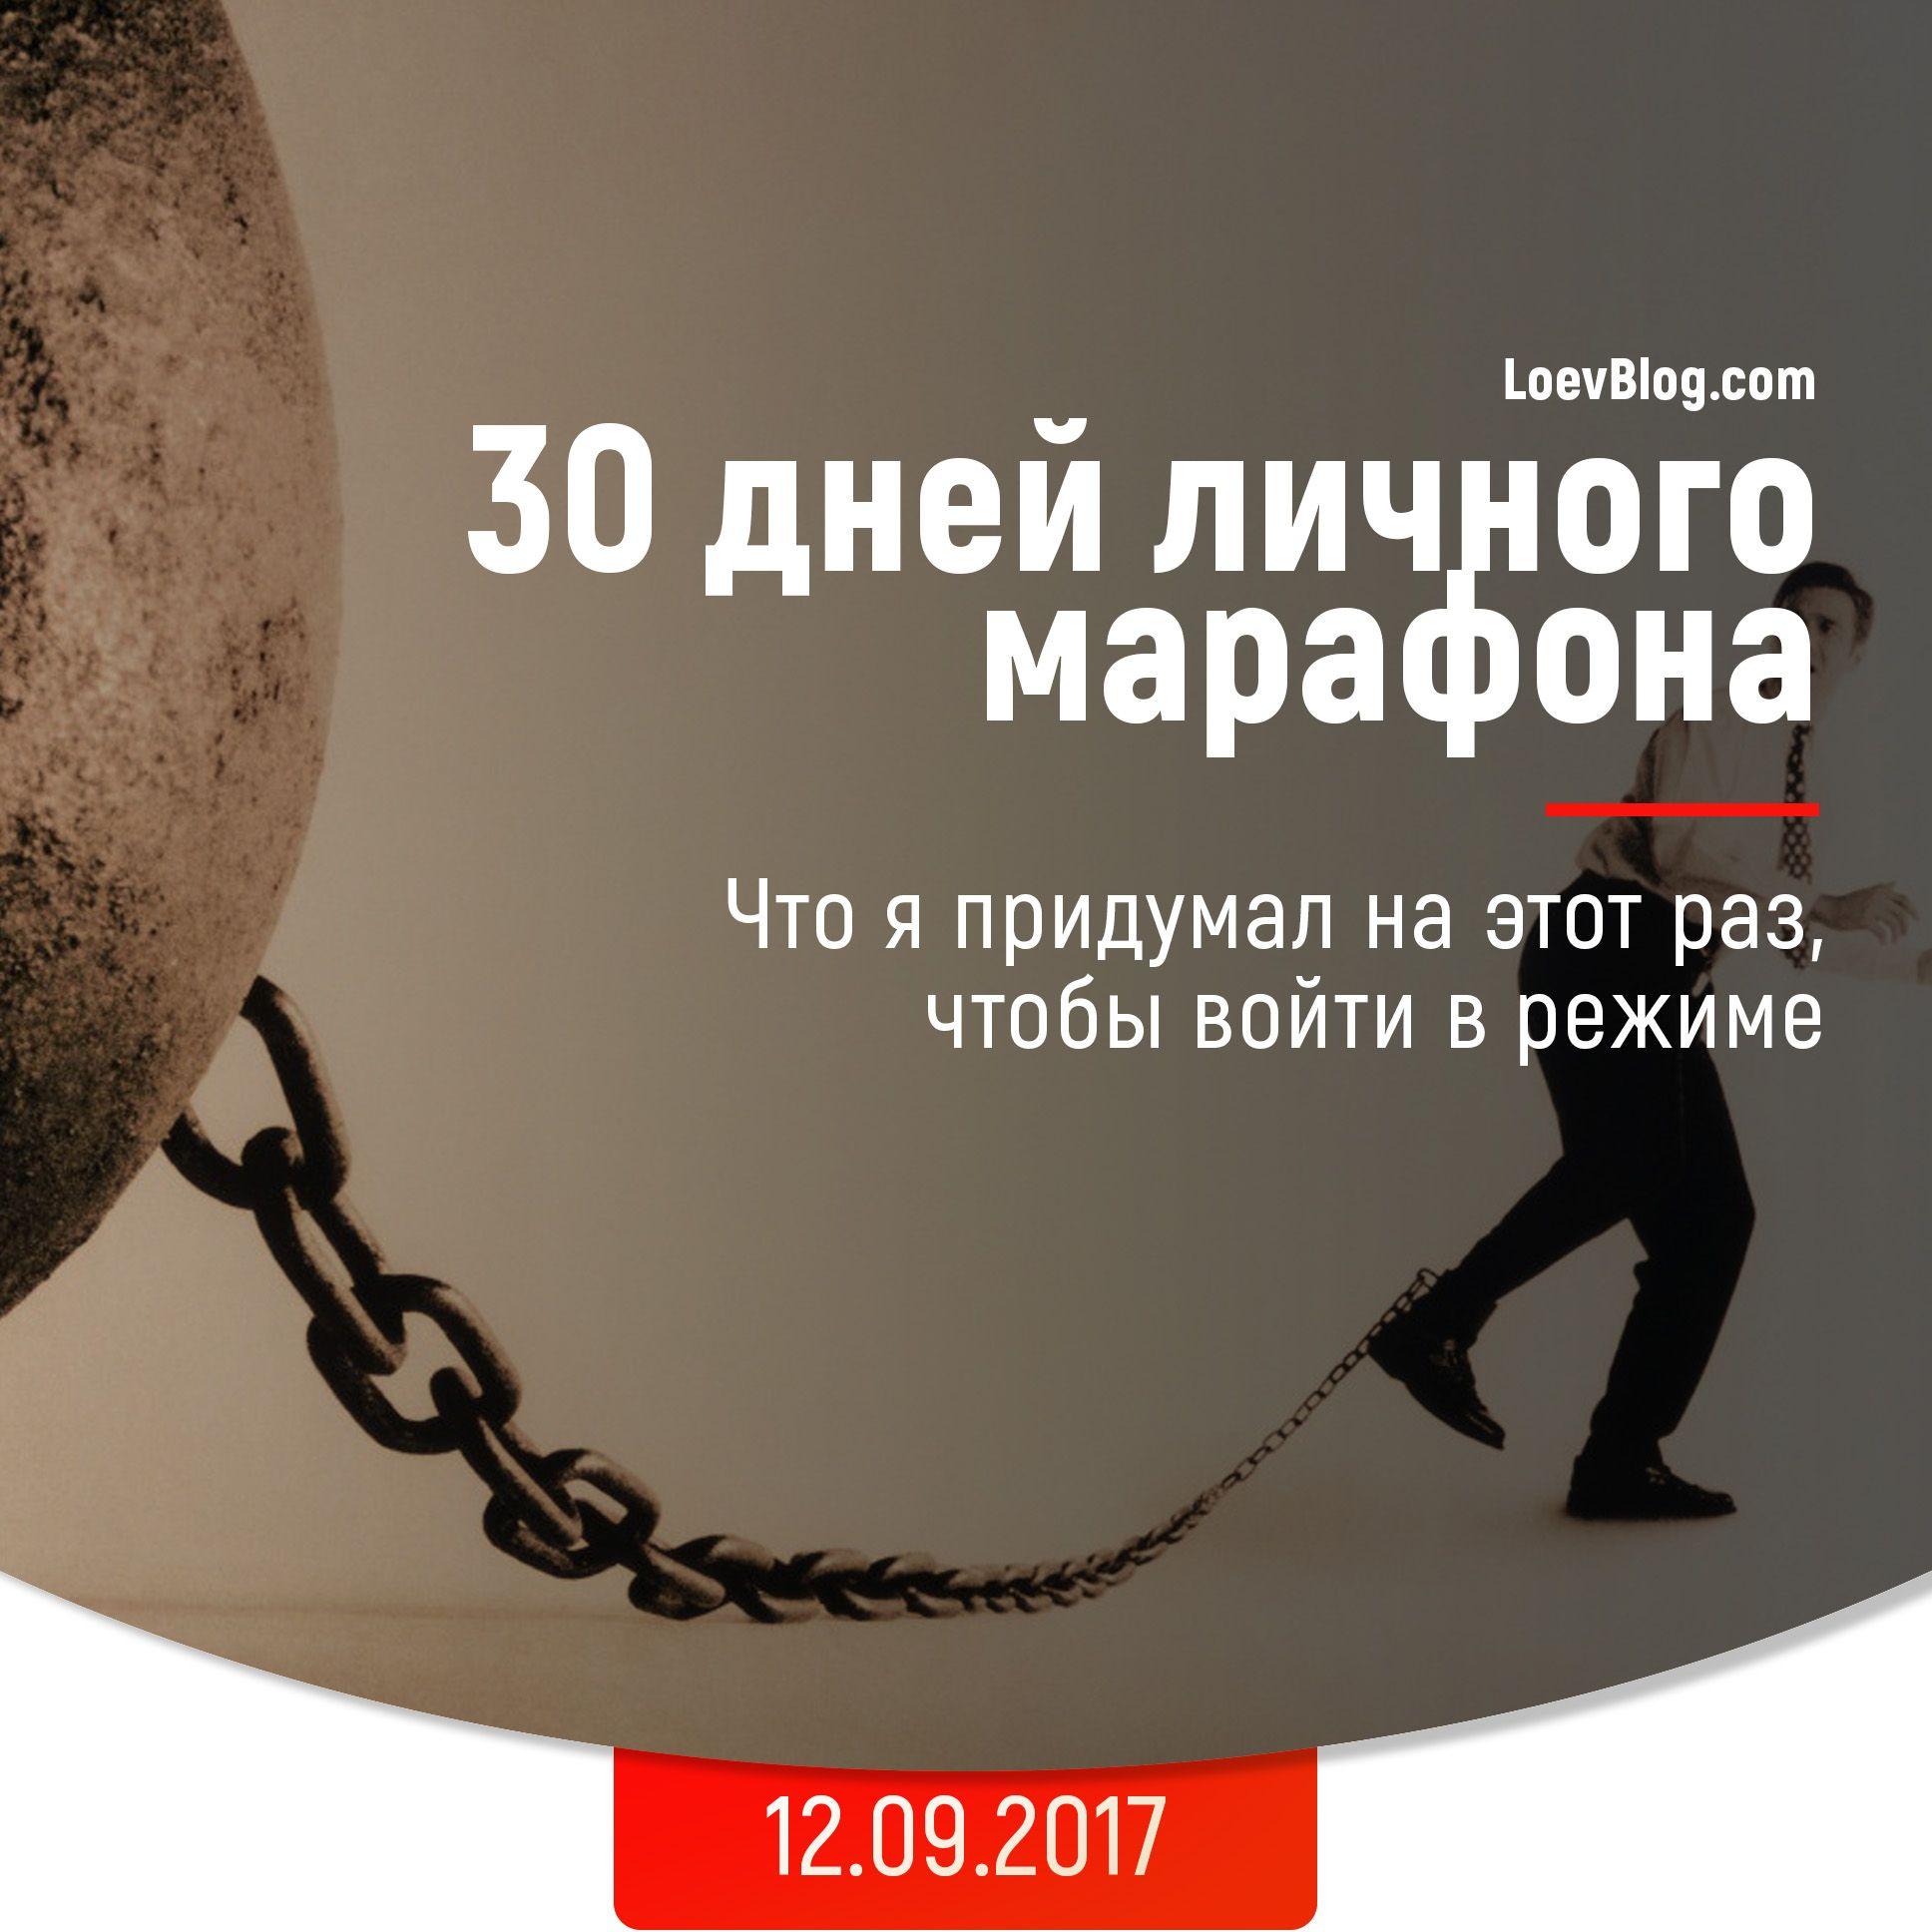 30 дней личного марафона 3